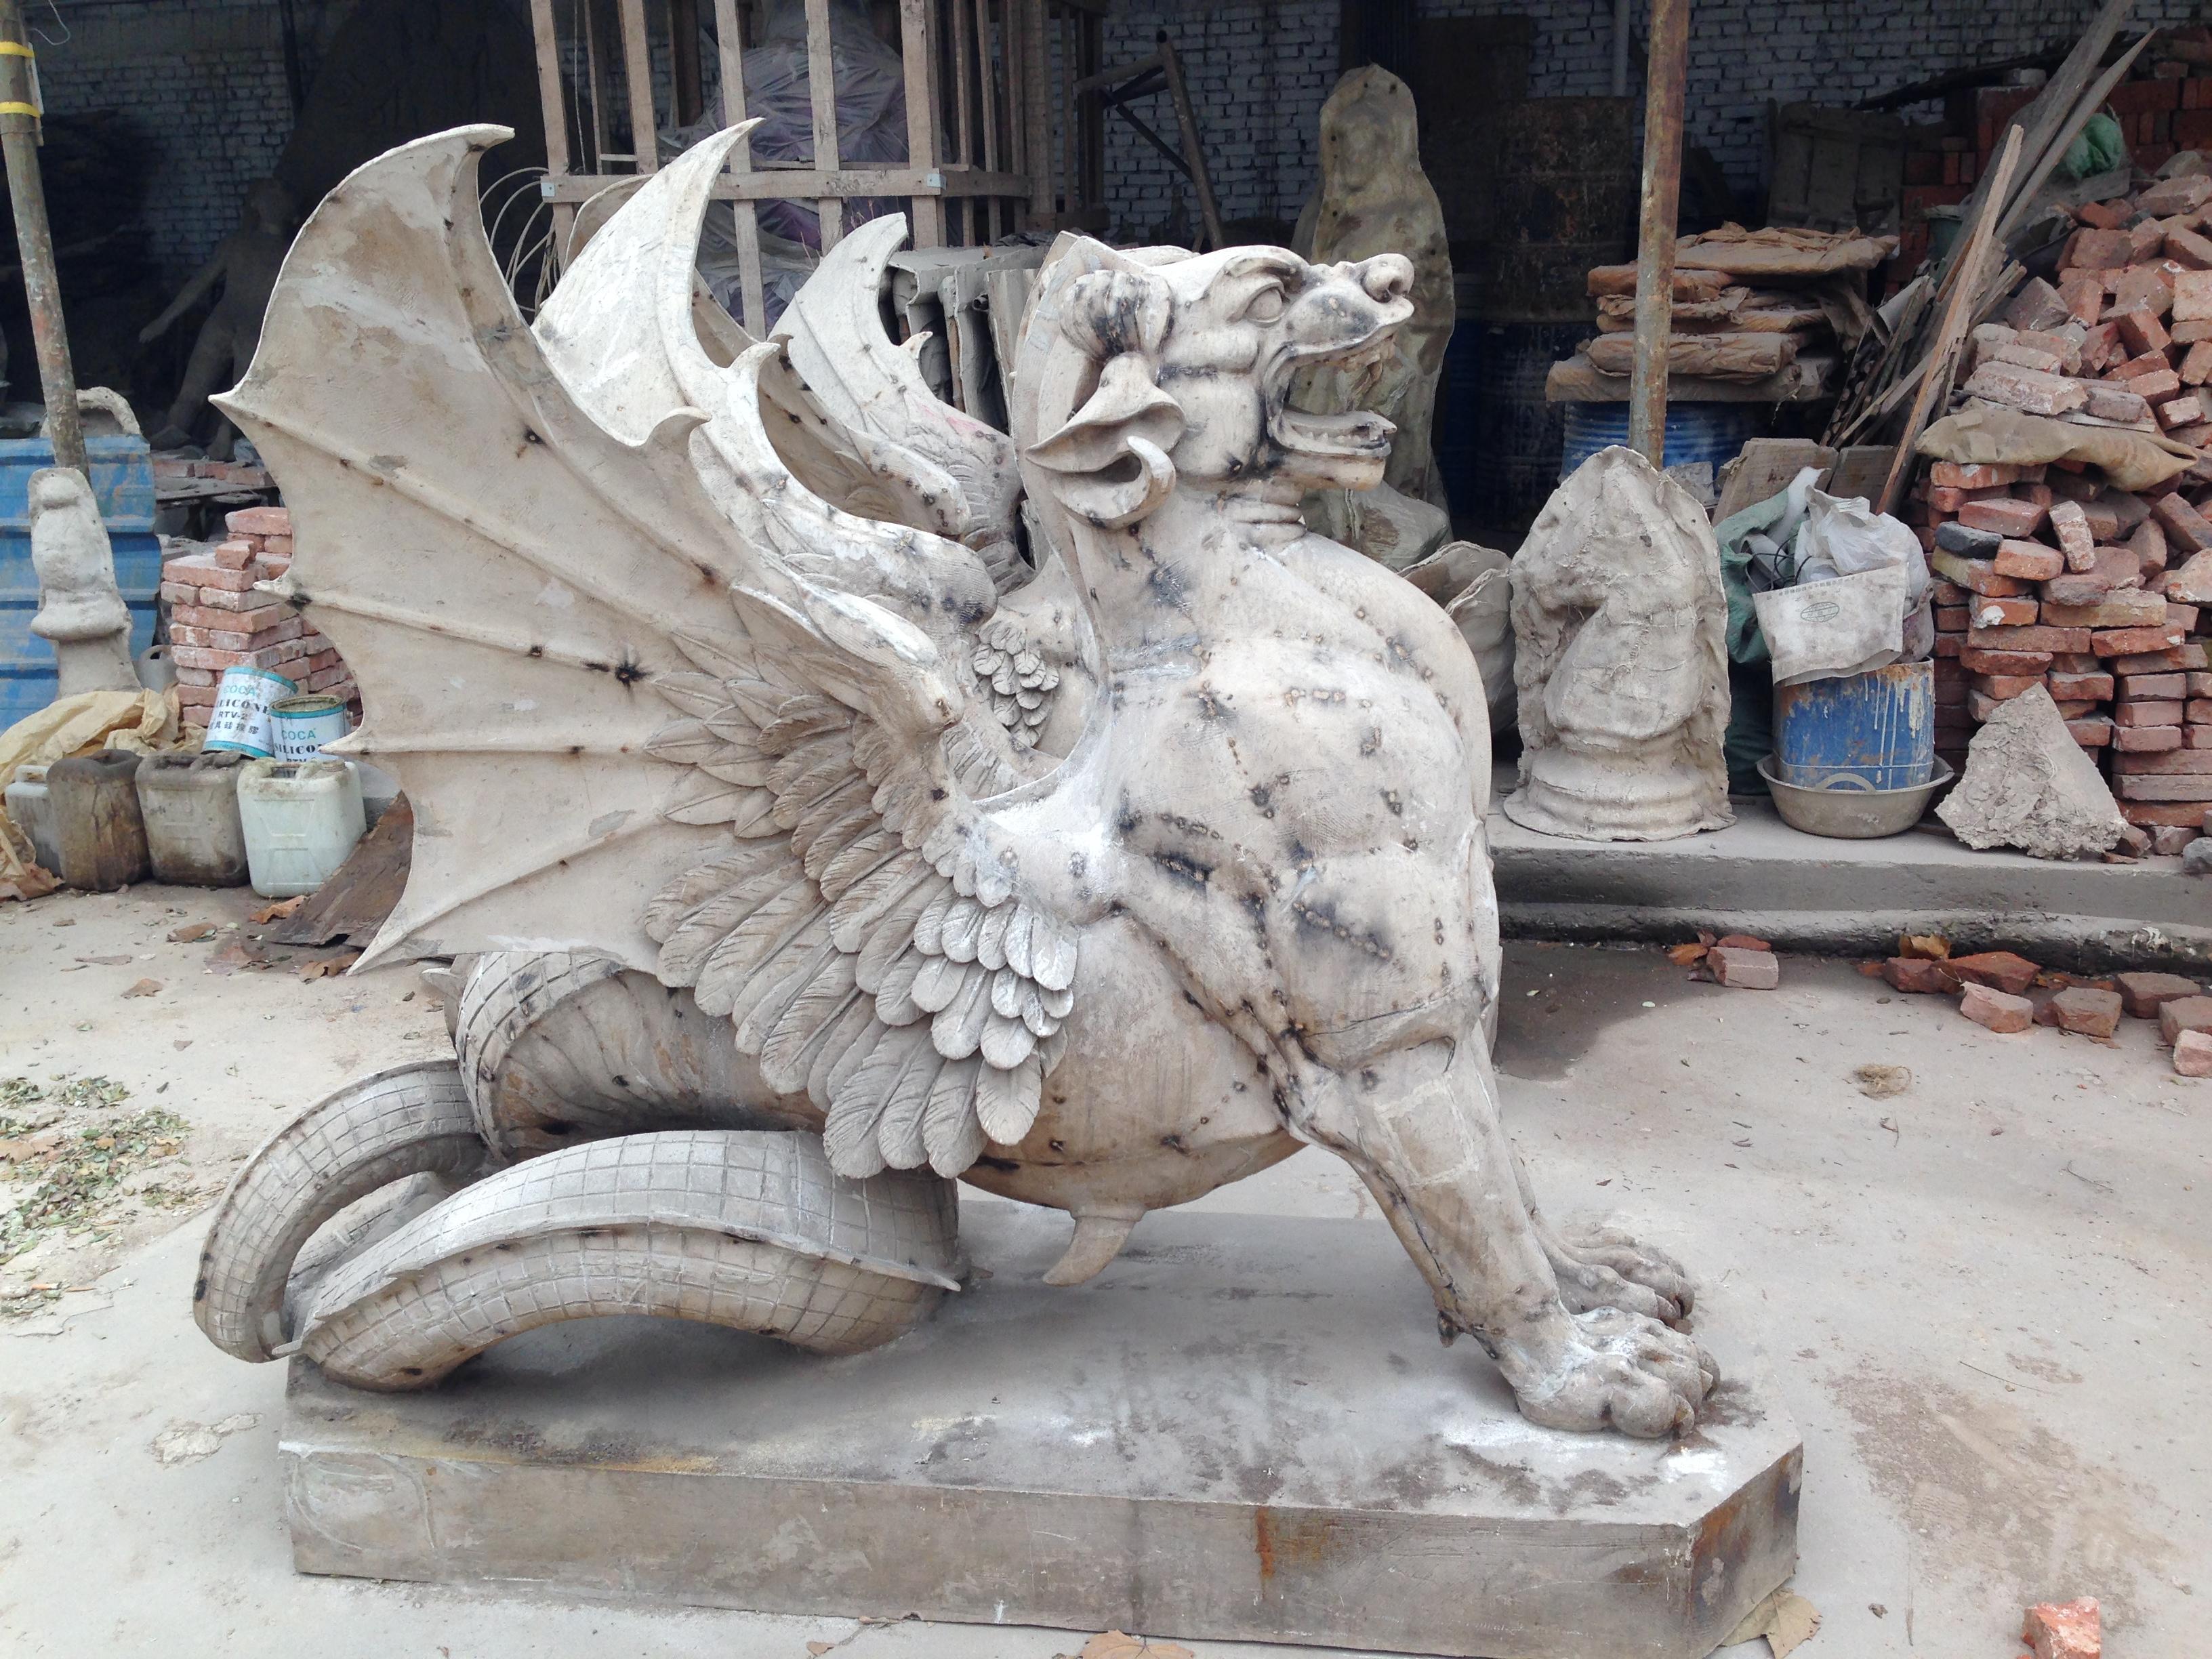 河南雕塑,郑州雕塑,郑州雕塑厂,郑州雕塑公司,郑州雕塑价格,郑州雕塑